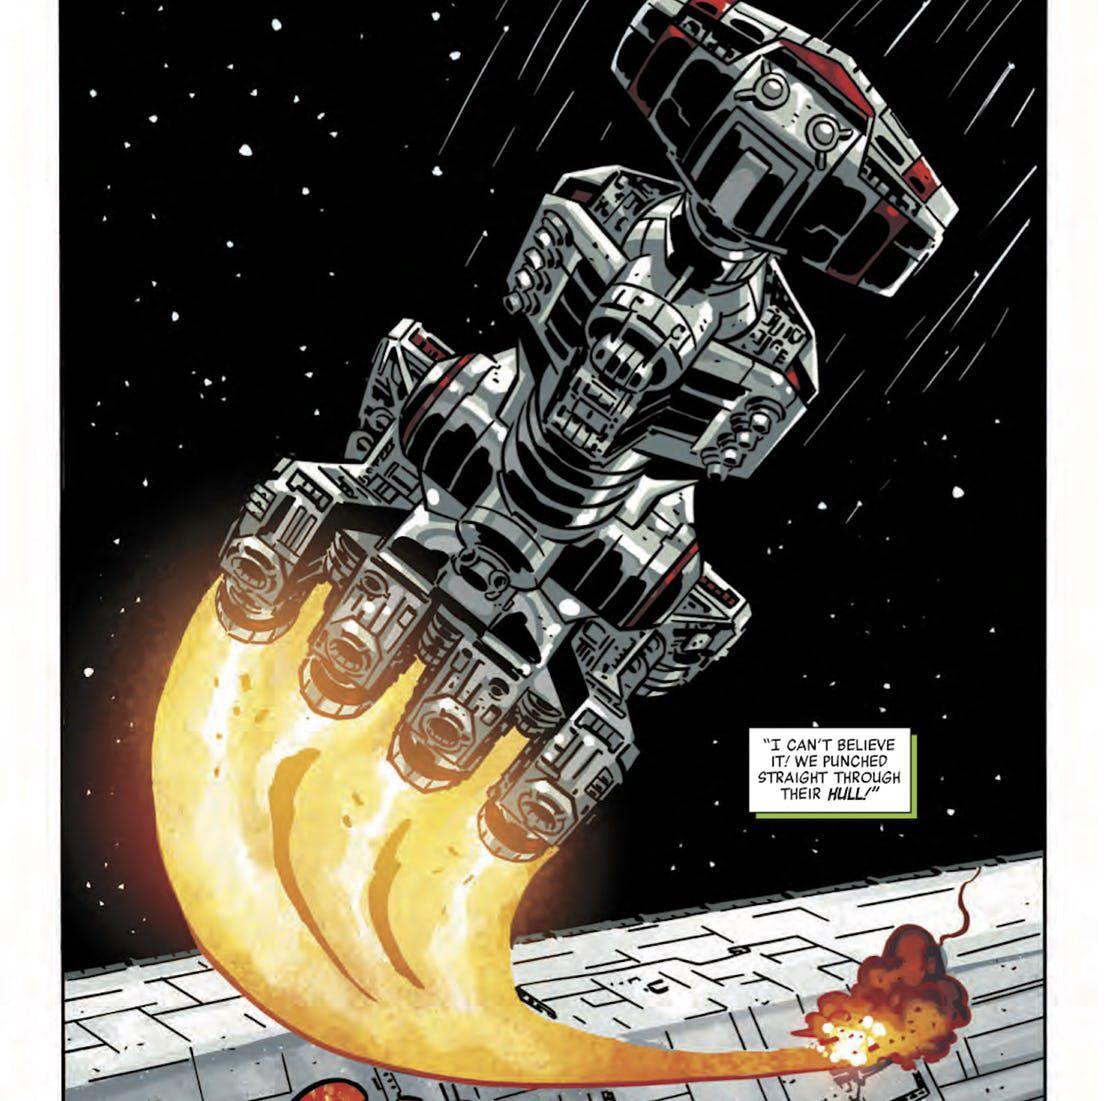 Les comics Star Wars révèle l'origine de l'acte héroïque de l'amiral Holdo